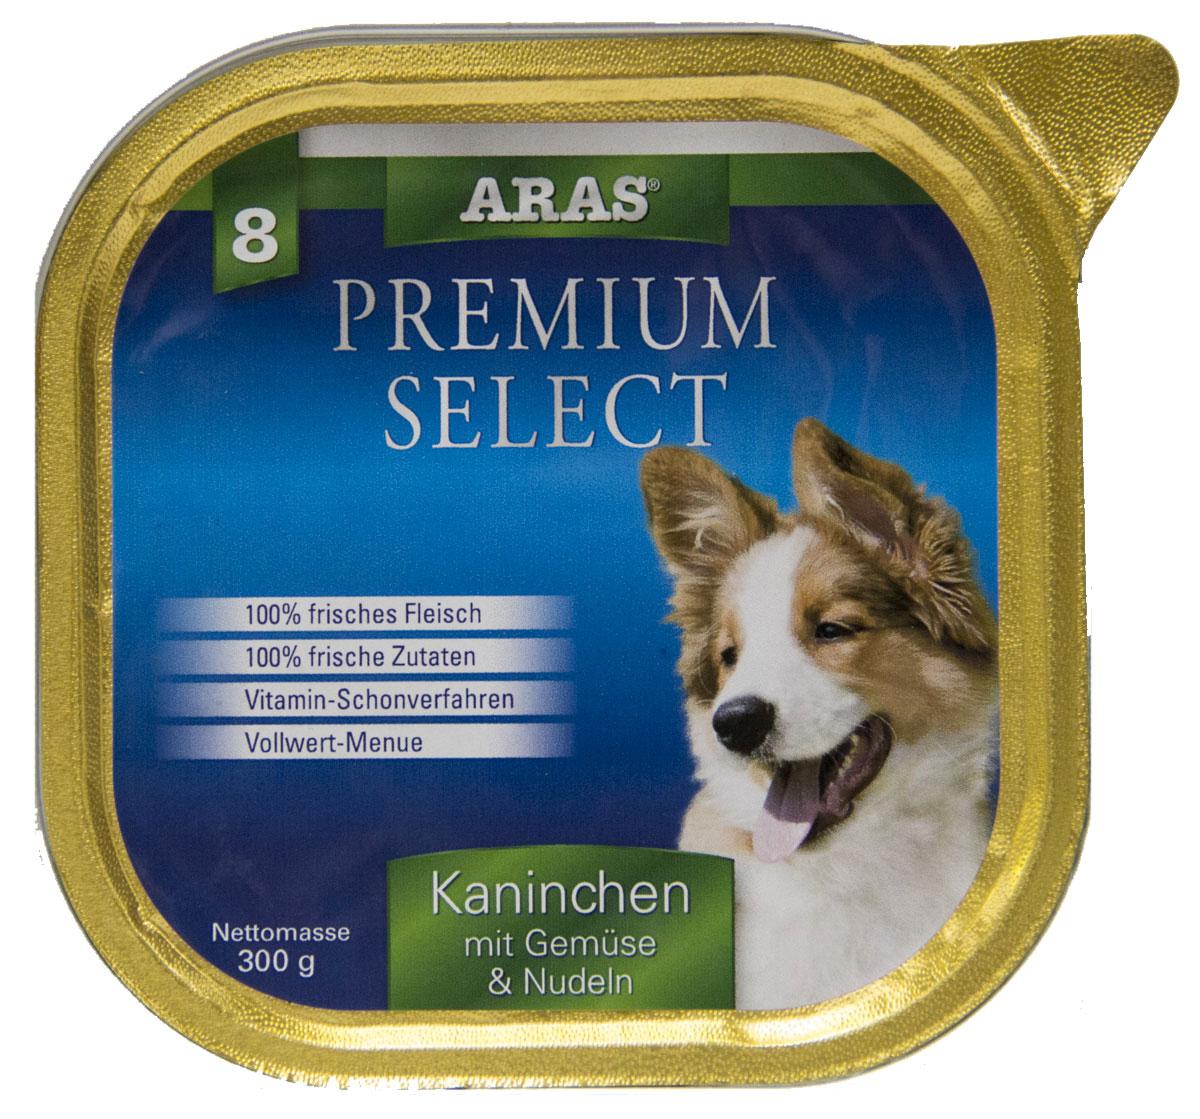 Консервы Aras Premium Select, для собак, с кроликом, овощами и лапшой, 195 г101208Повседневный консервированный корм для собак всех пород и всех возрастов. Корм произведен в Германии из продуктов, пригодных в пищу человека по специальной технологии схожей с технологией Sous Vide. Благодаря уникальной технологии, схожей с технологий Souse Vide, при изготовлении сохраняются все натуральные витамины и минералы. Это достигается благодаря бережной обработке всех ингредиентов при температуре менее 80 градусов. Такая бережная обработка продуктов не стерилизует продуктовые компоненты. Благодаря этому корма не нуждаются ни в каких дополнительных вкусовых добавках и сохраняют все необходимые полезные вещества. При производстве кормов используются исключительно свежие натуральные продукты: мясо, овощи и зерновые; Приготовлено из 100% свежего мяса, пригодного в пищу человеку; Содержит натуральные витамины, аминокислоты, минеральные вещества и микроэлементы; С экстрактом масла зародышей зерна пшеницы холодного отжима (Bio-Dura); Без химических...